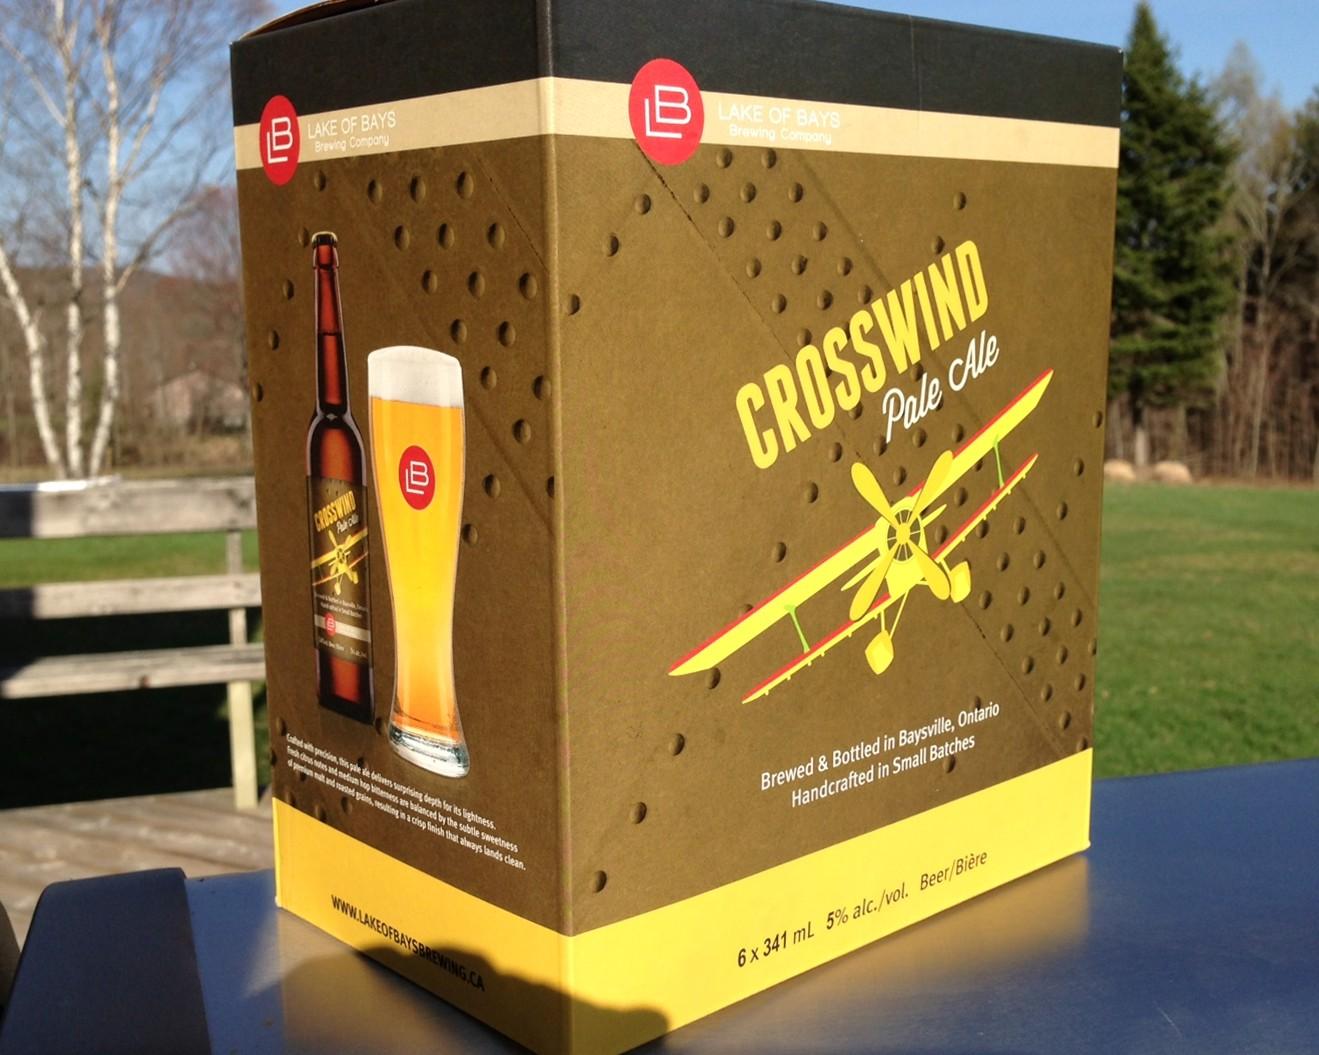 Crosswind beer!